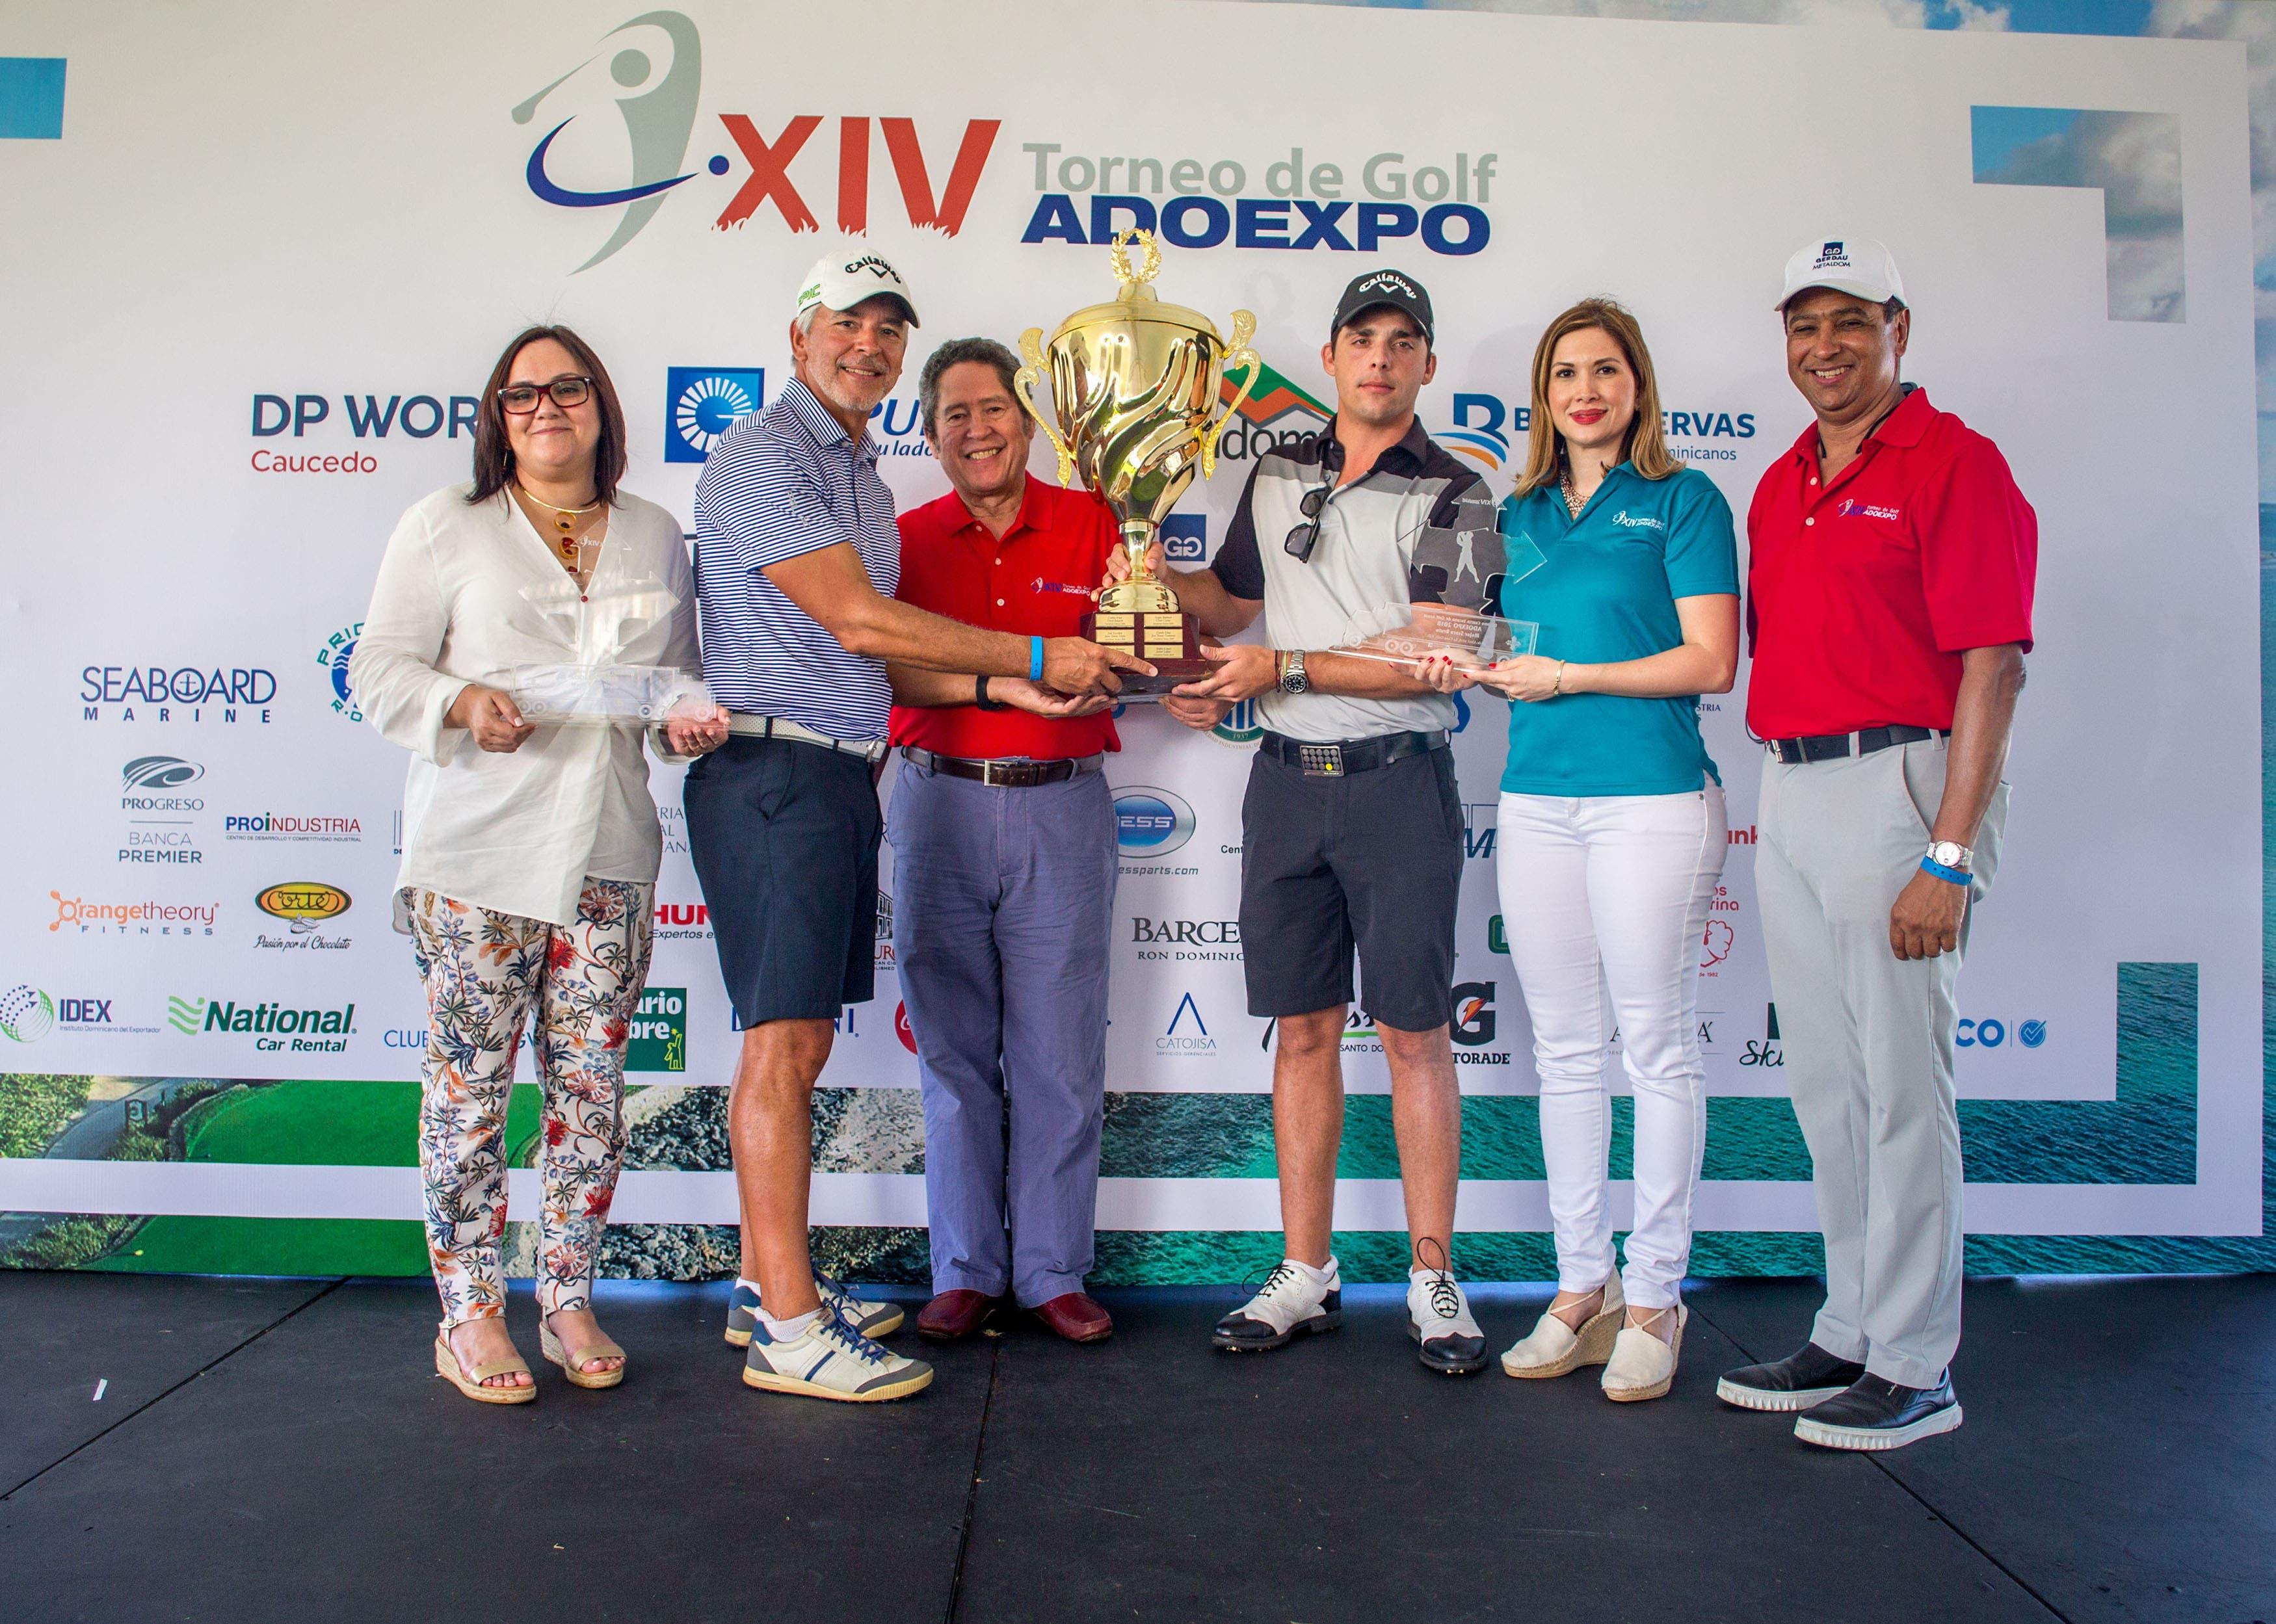 Entusiasmo e integración en XIV Copa Golf ADOEXPO 2018, en Punta Cana Resort